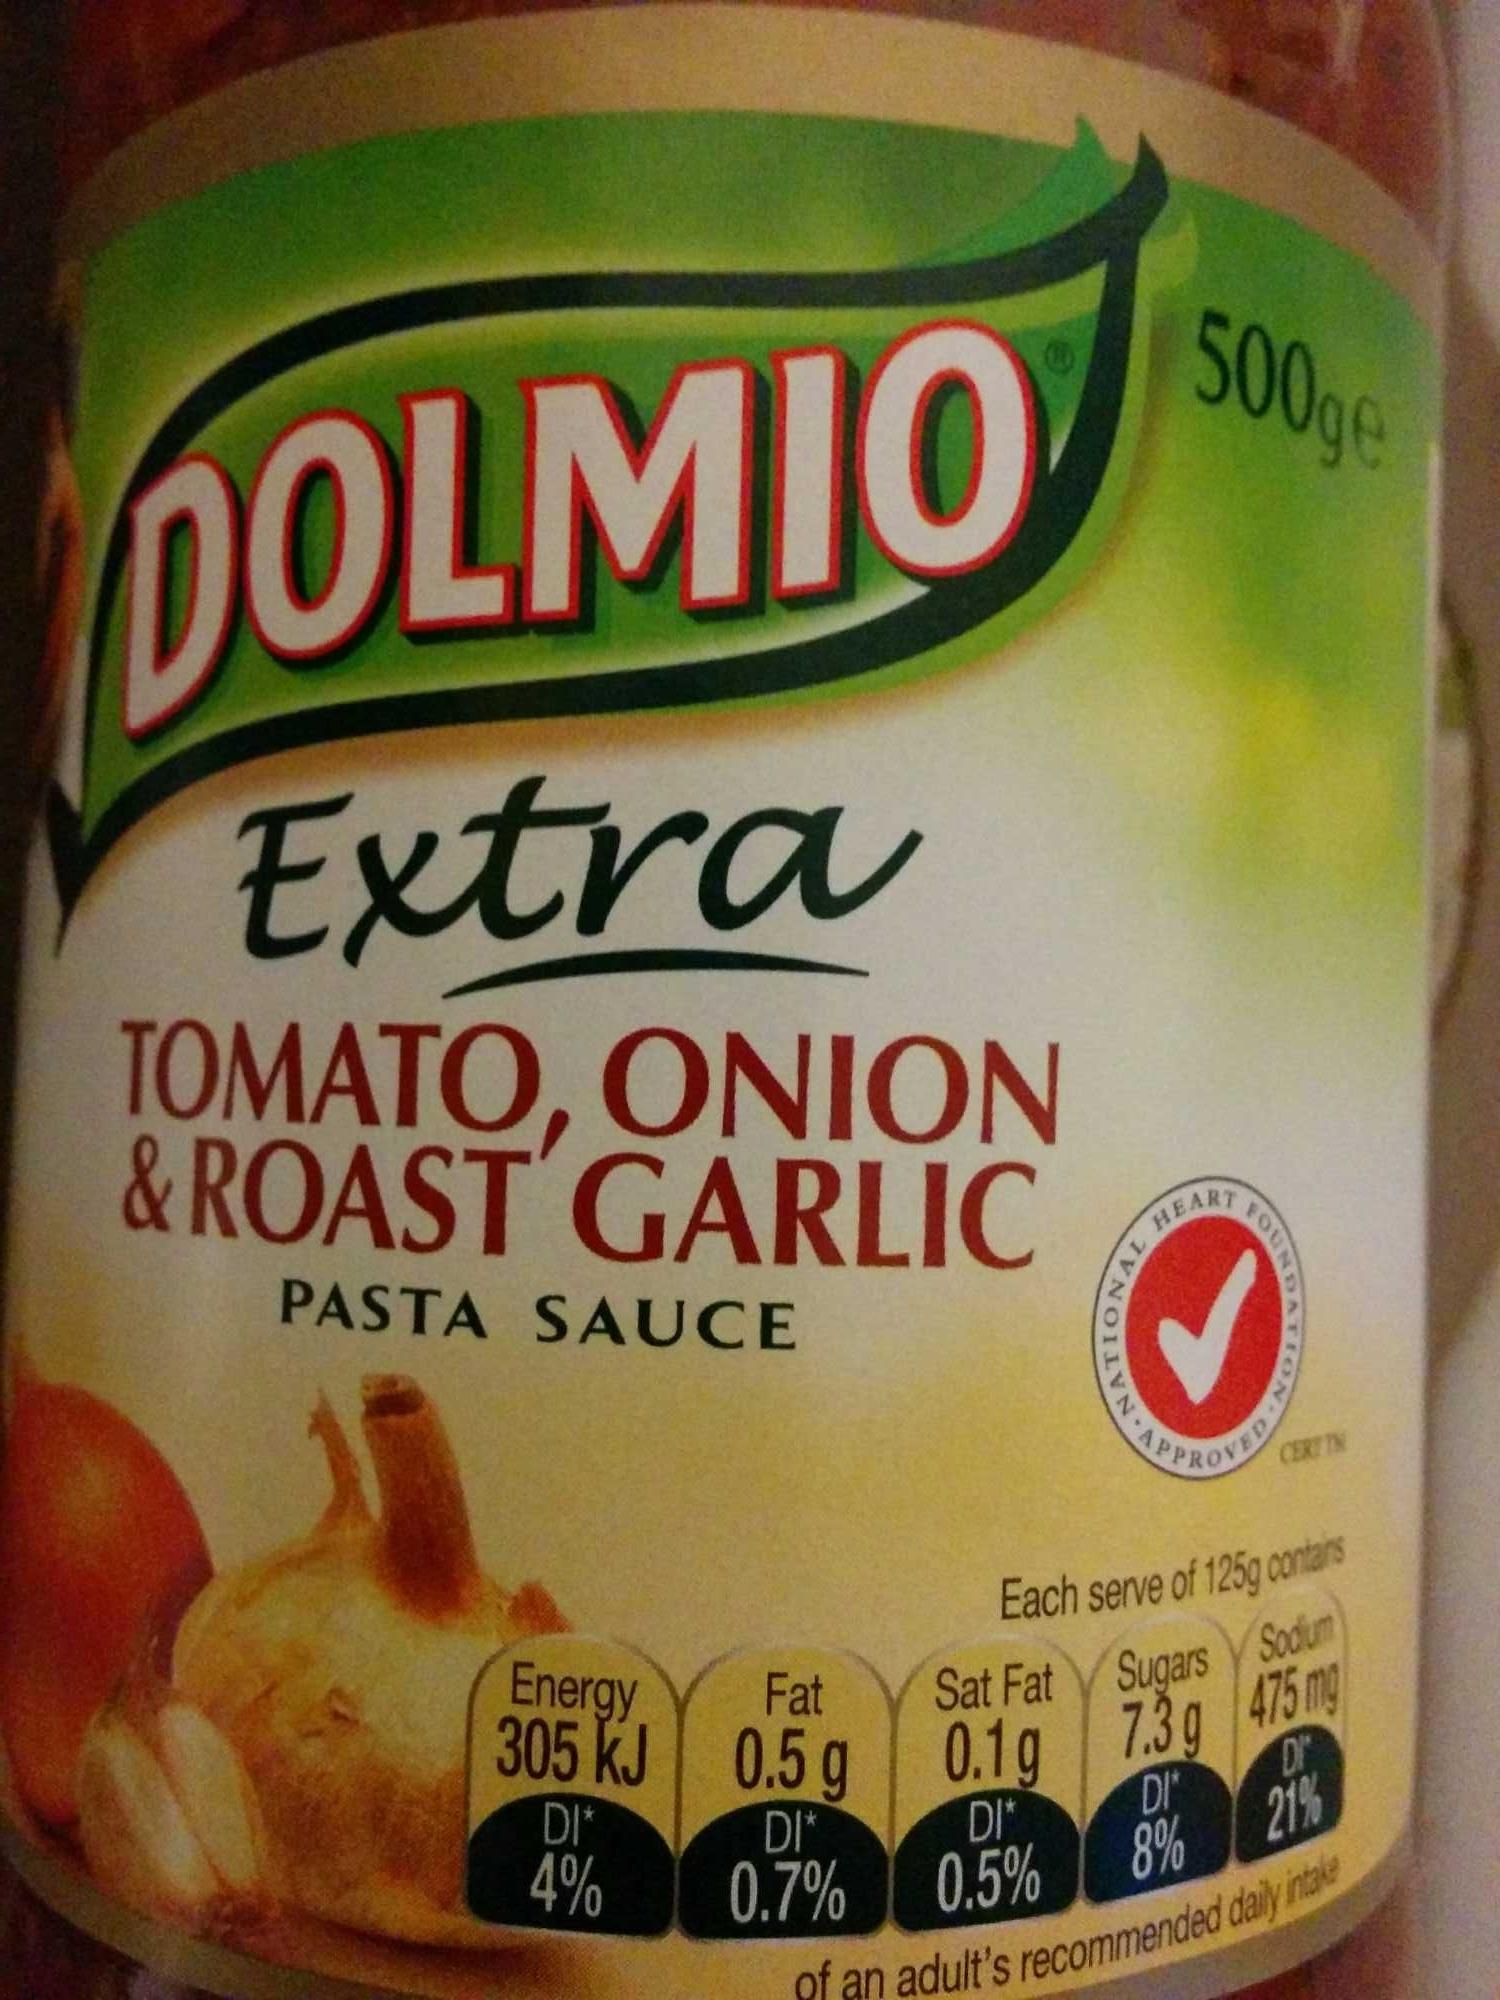 Tomato, onion and roast garlic Pasta Sauce - Dolmio - 500g